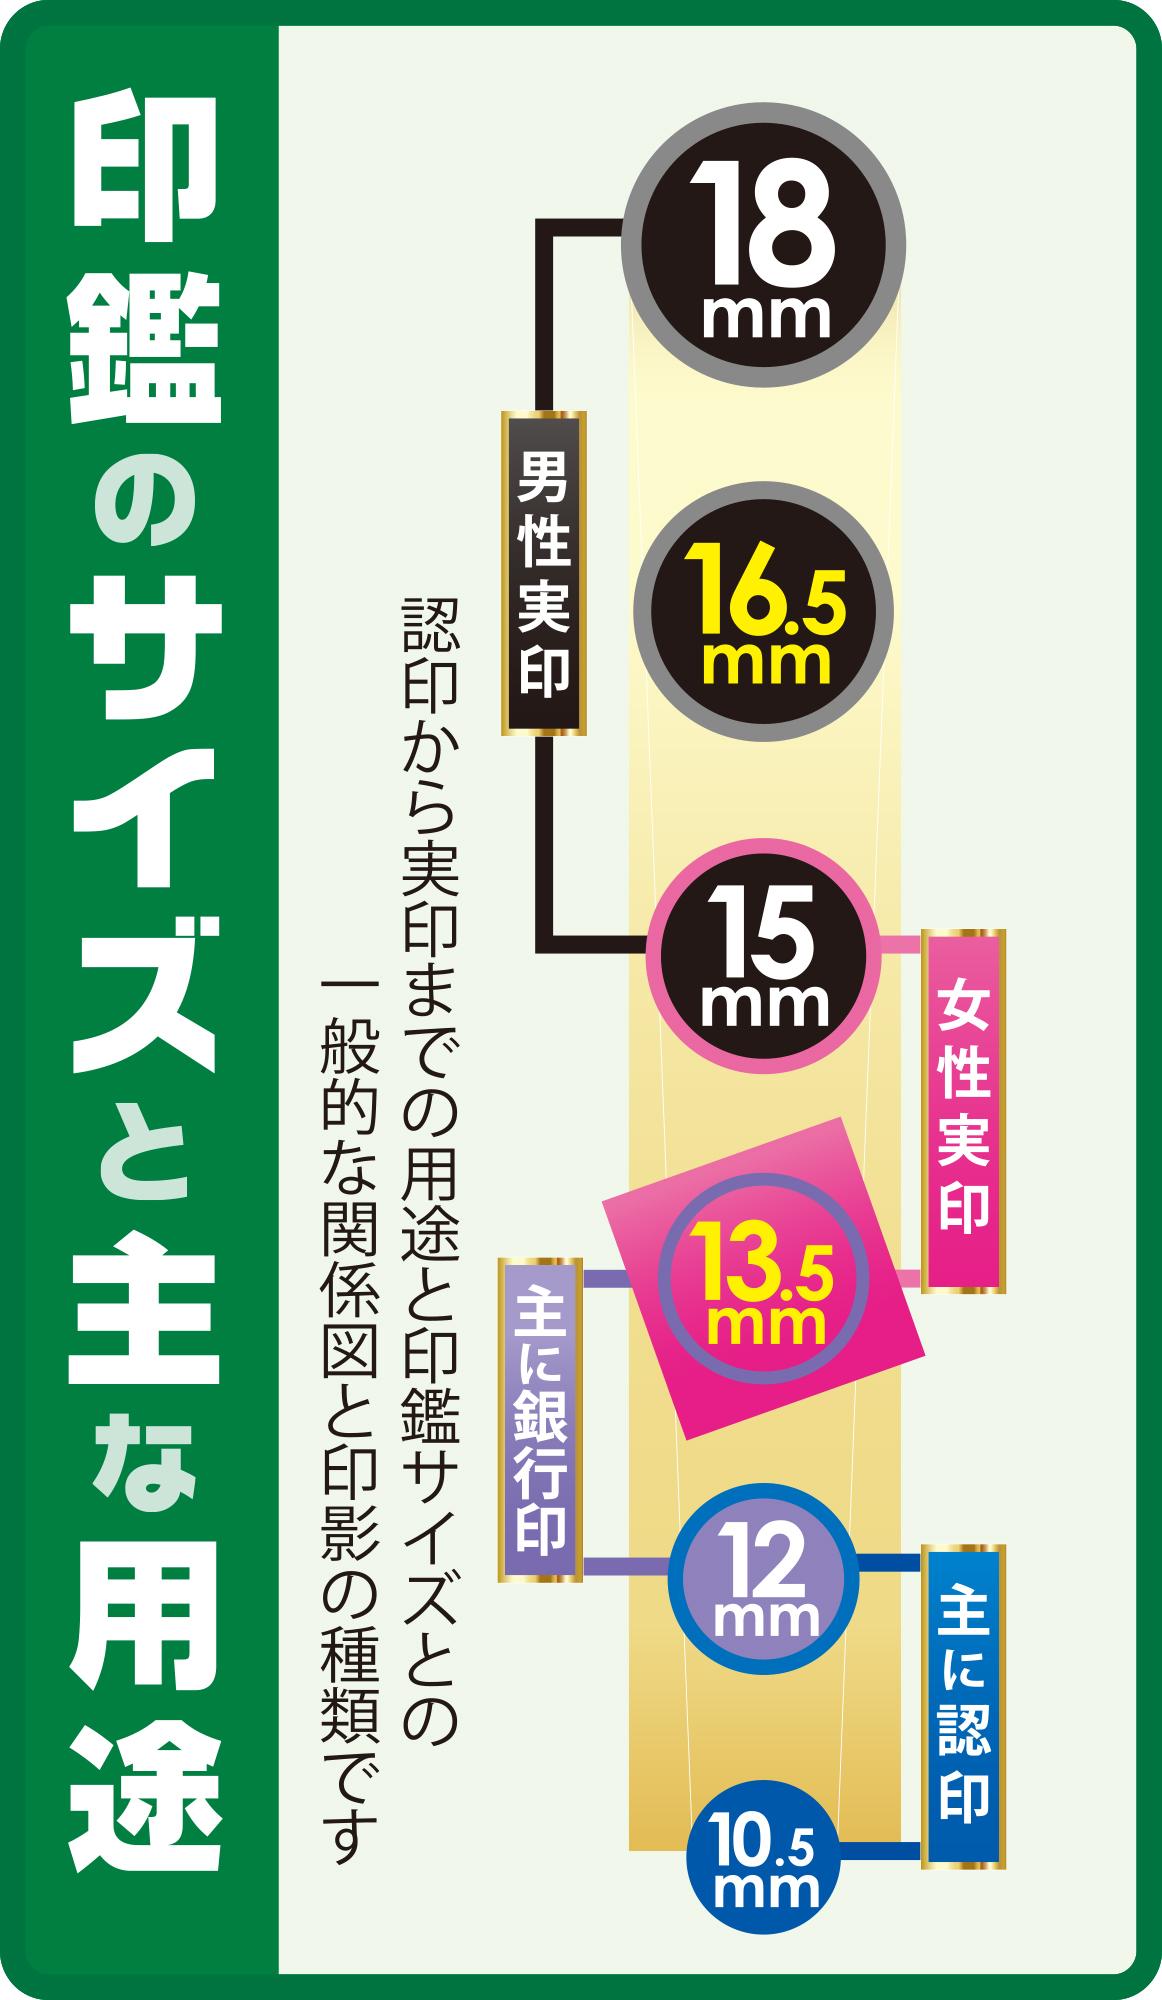 印鑑のサイズと主な用途